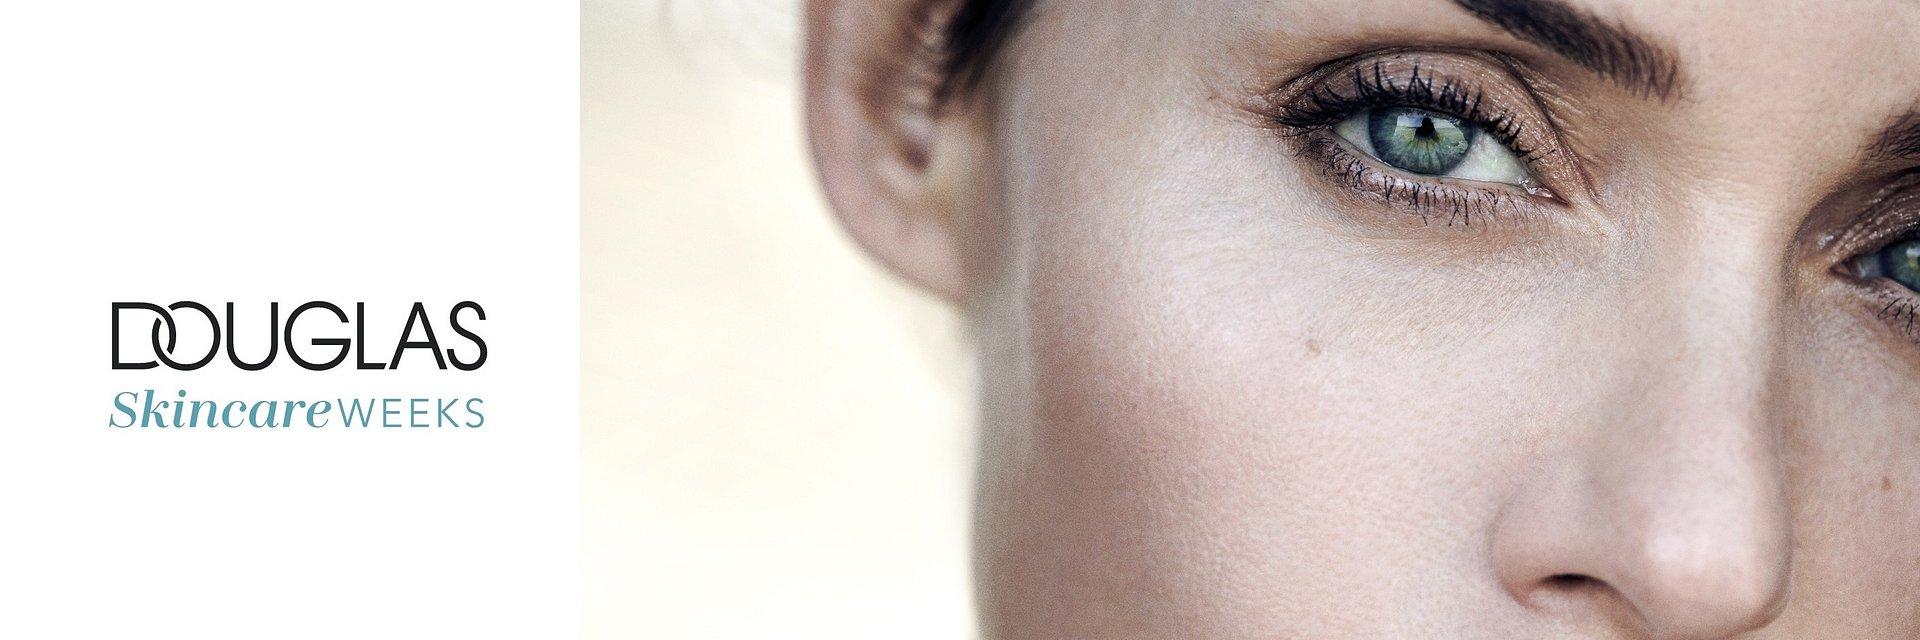 Piękna skóra zimą - SkinCare Weeks w Douglas